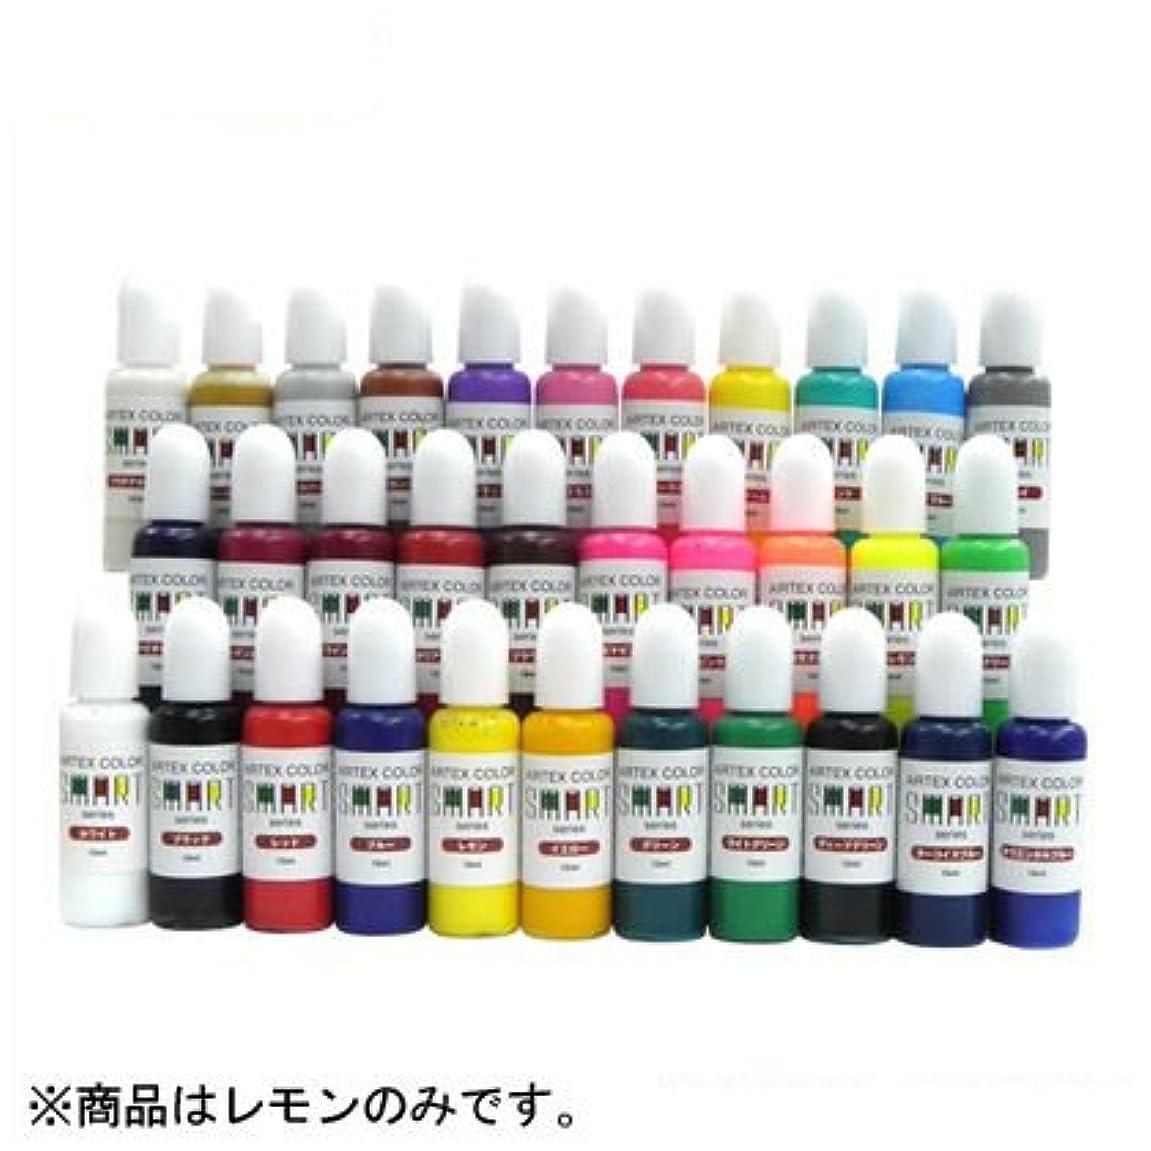 特殊平野乱用エアテックス カラースマートシリーズ レモン ACS05